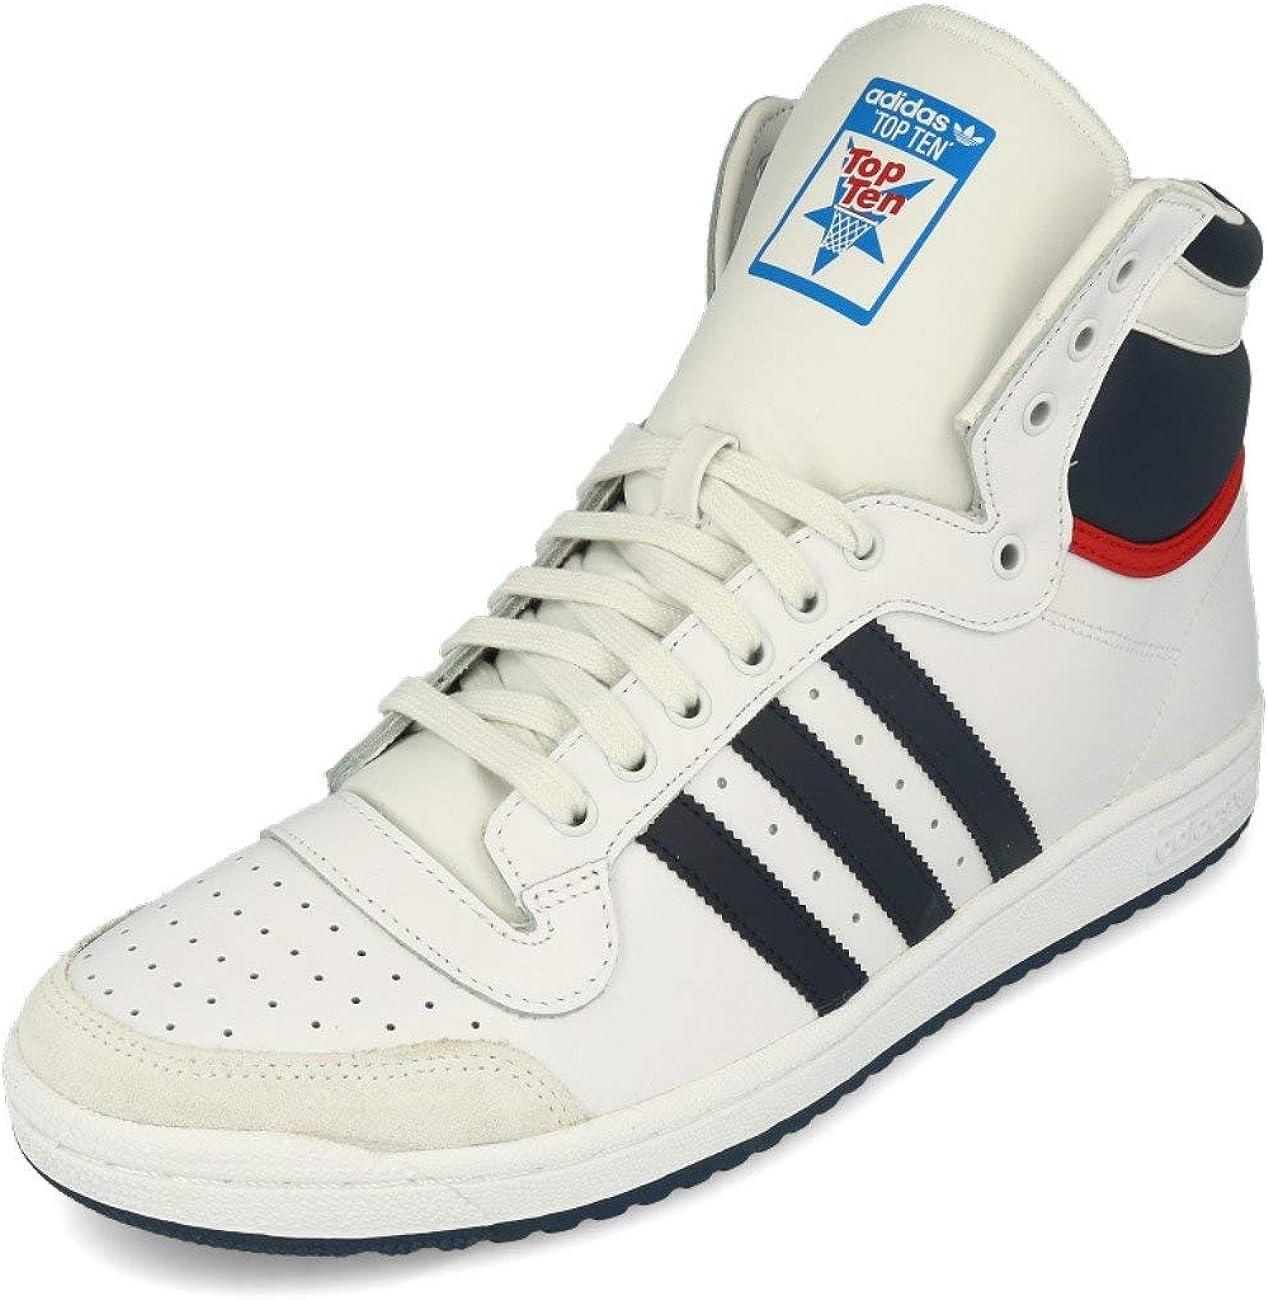 adidas Top Ten Hi, Zapatillas Hombre^Mujer: Amazon.es: Zapatos y complementos